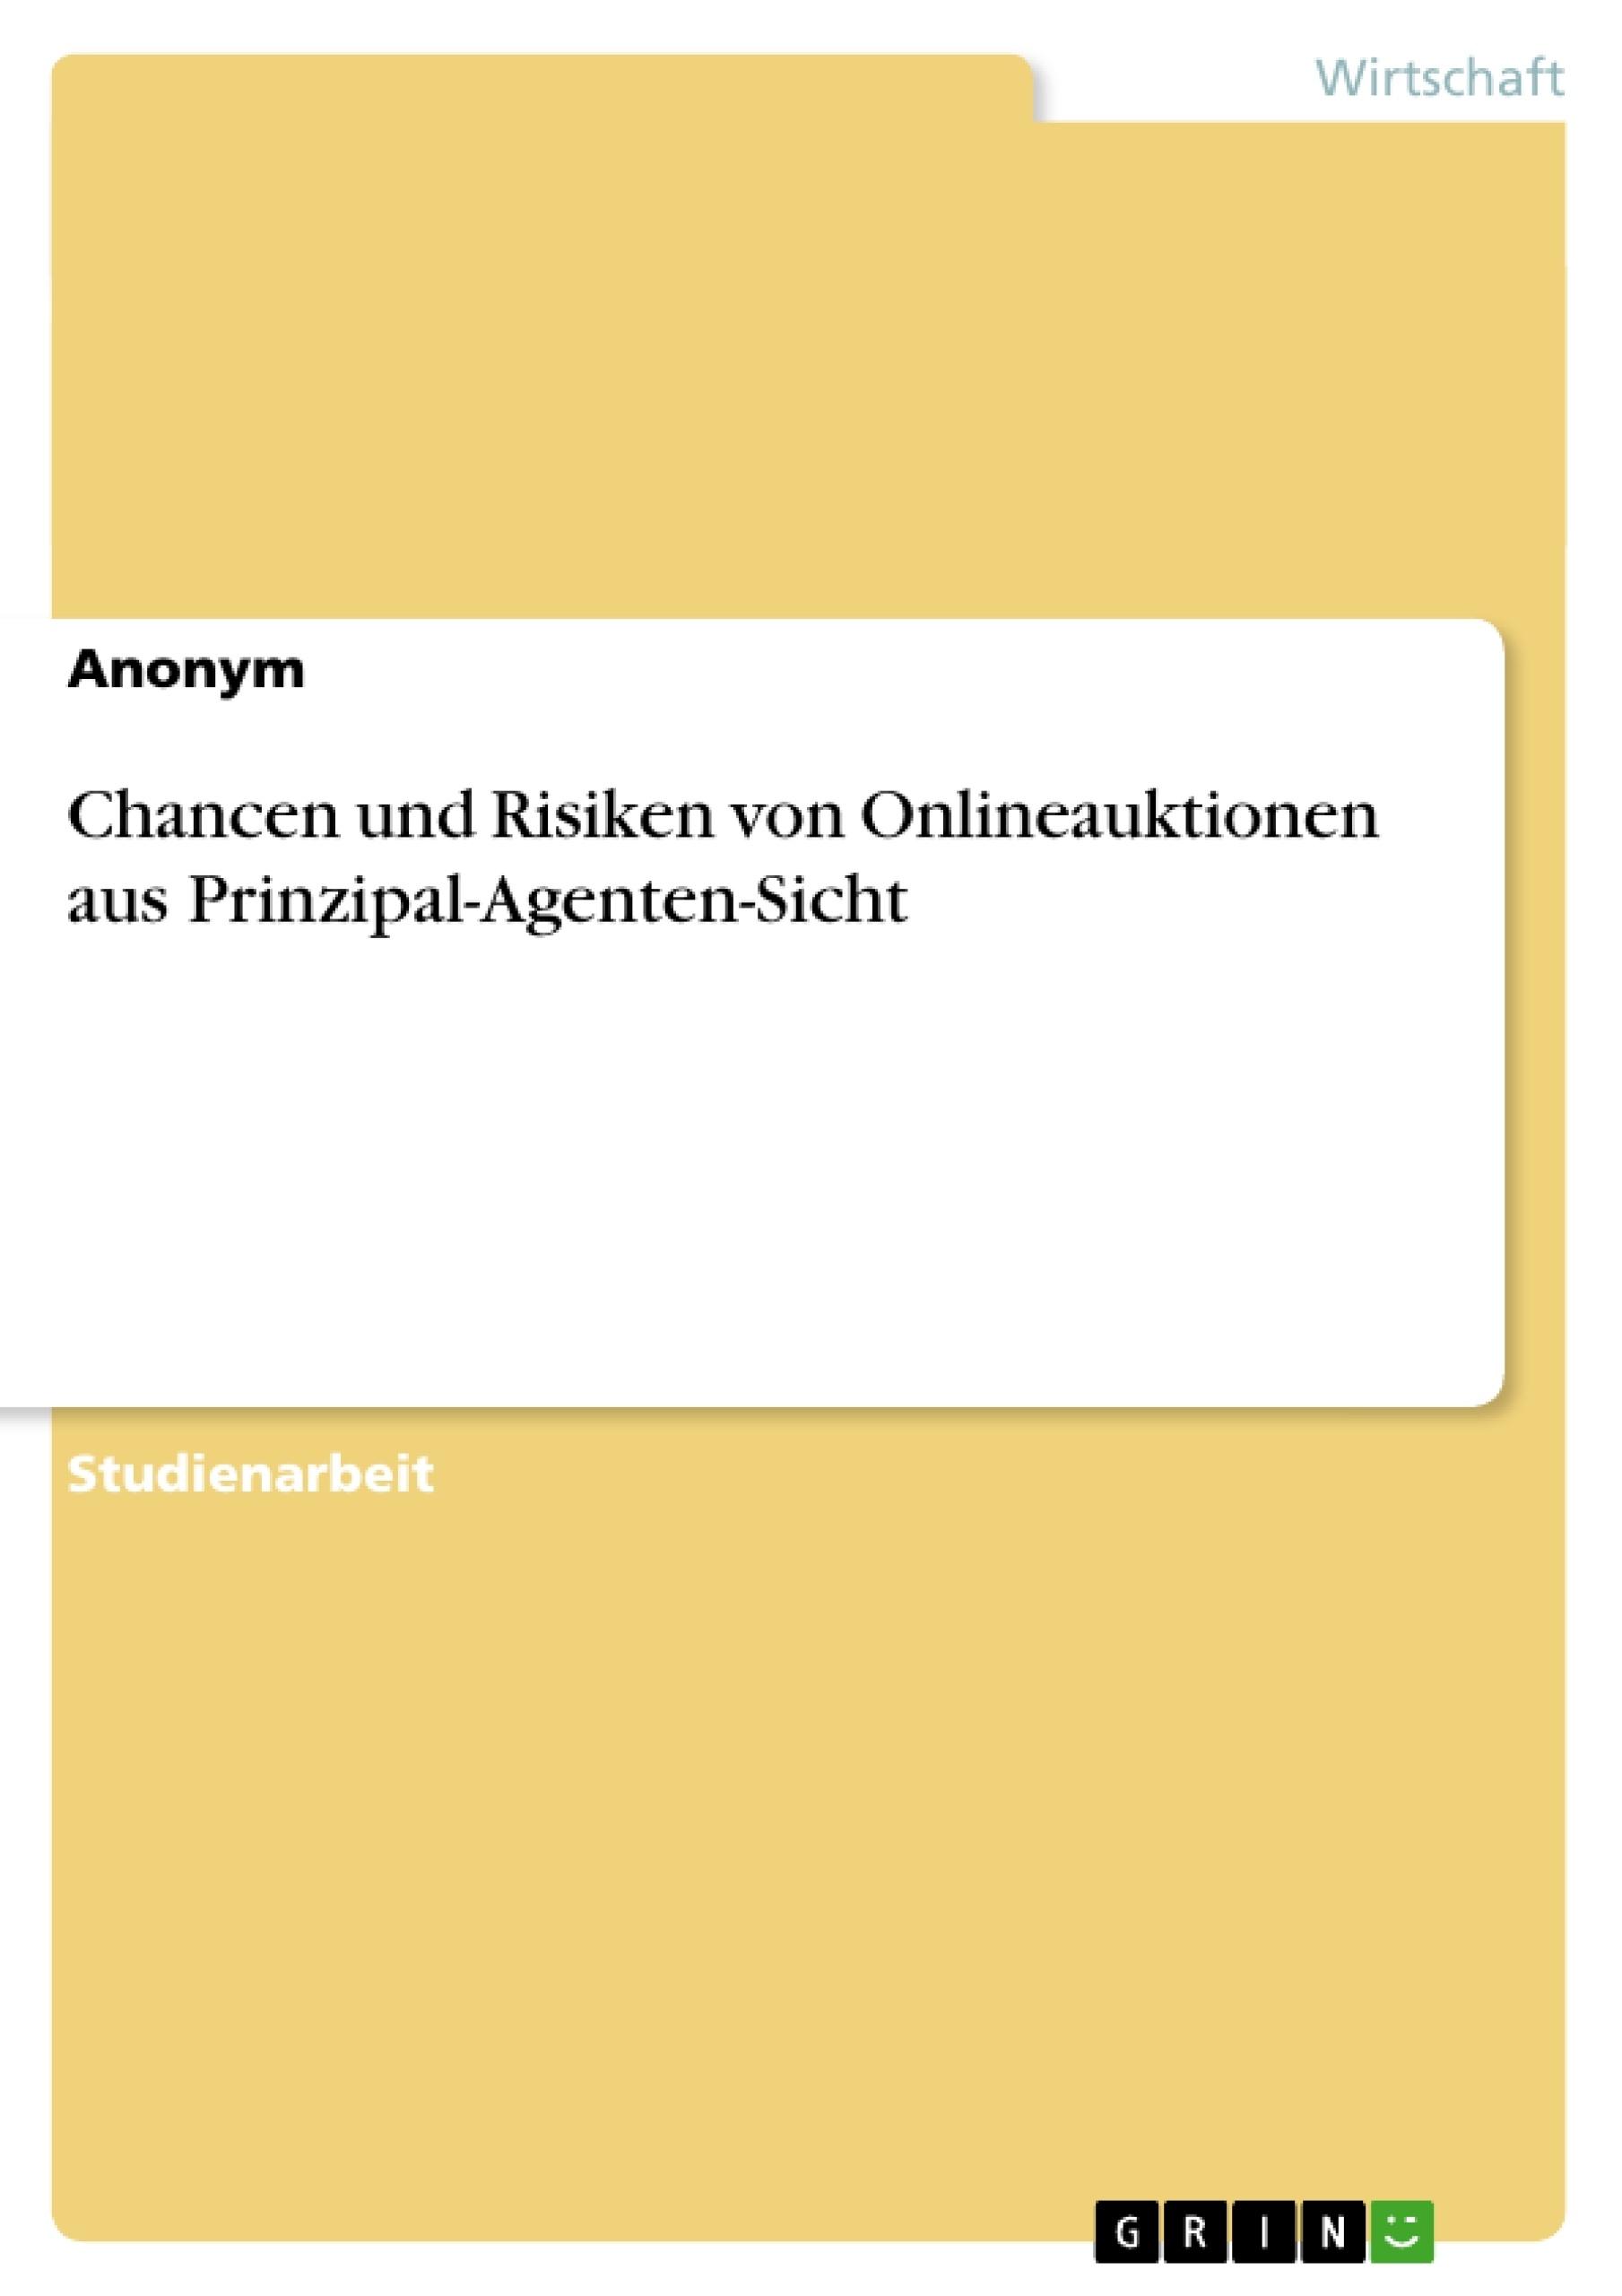 Titel: Chancen und Risiken von Onlineauktionen aus Prinzipal-Agenten-Sicht